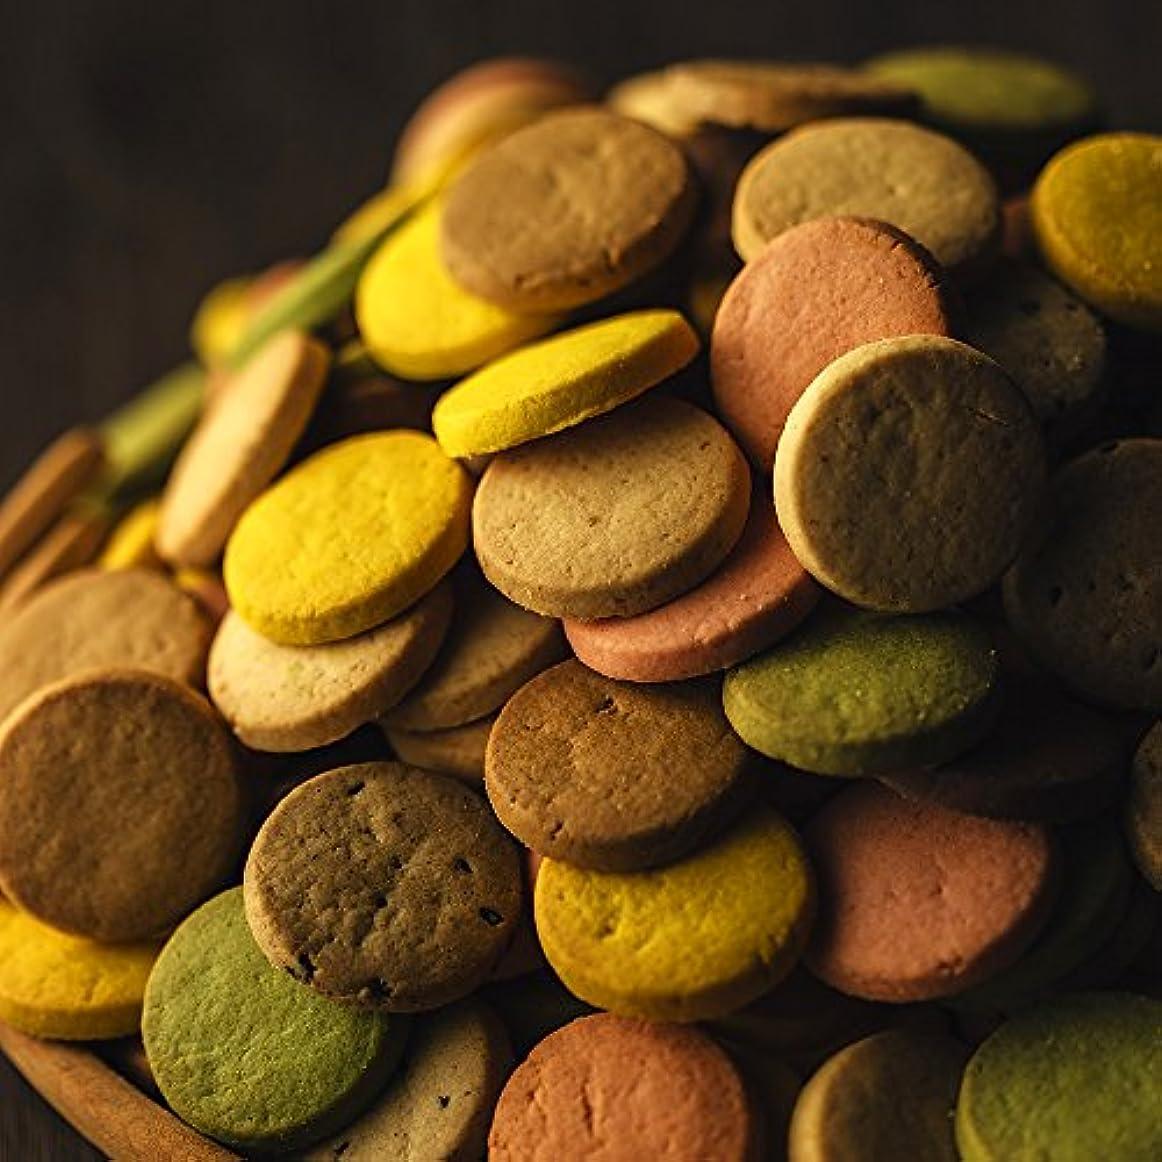 期待する世紀権限を与える豆乳おからクッキー蒟蒻マンナン入り 1kg